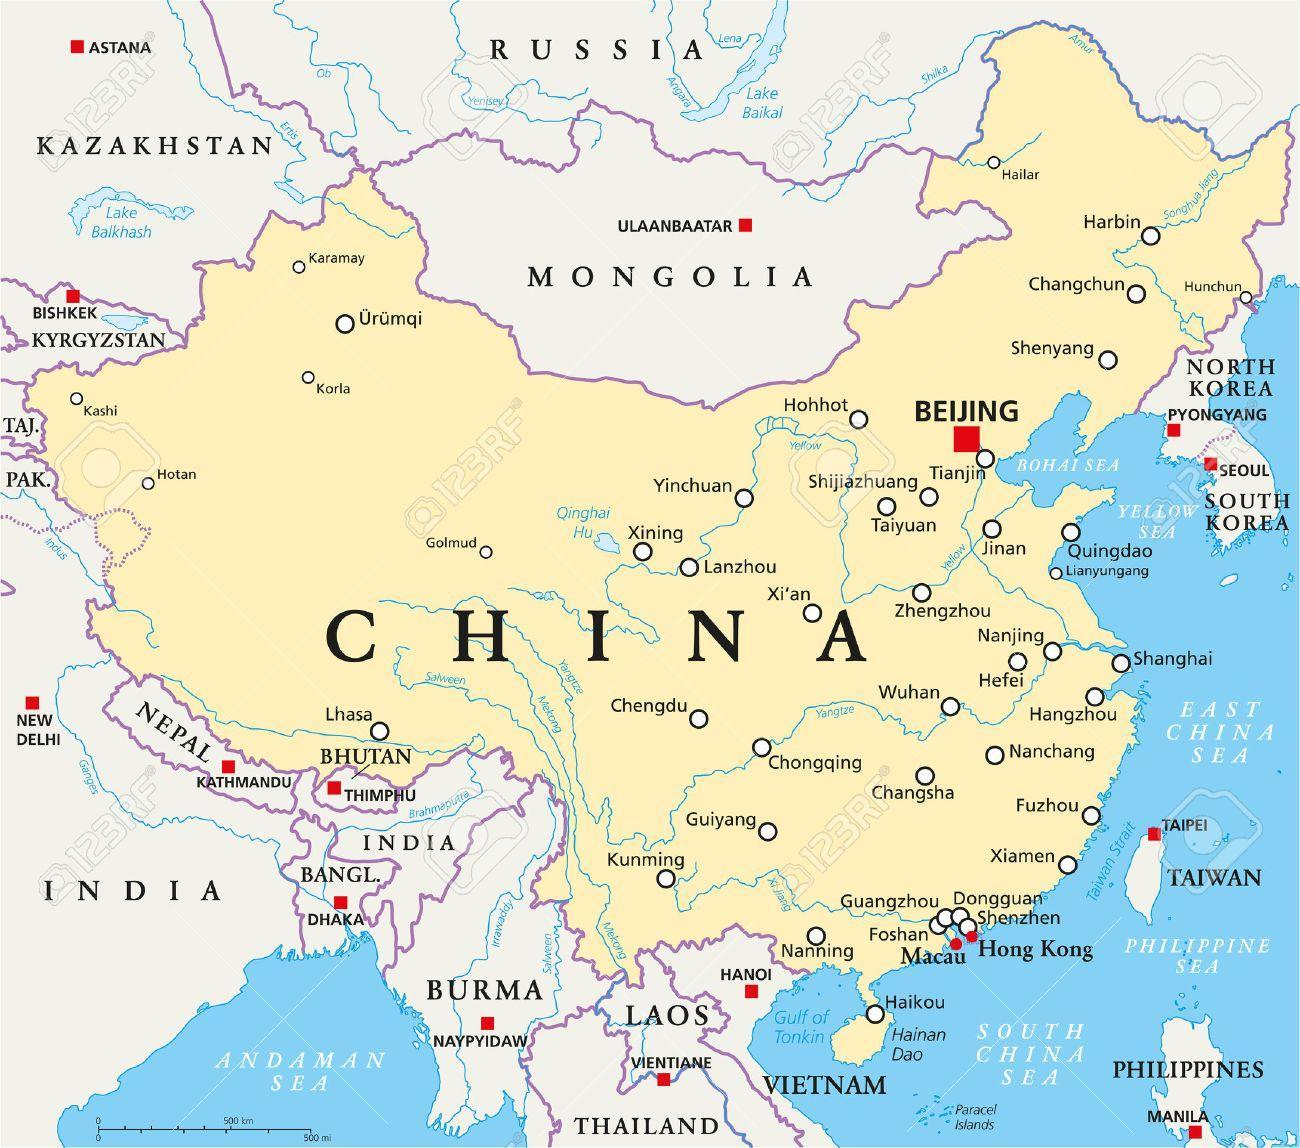 kart kina Hovedstaden i Kina kart   Kina hovedstaden kart (Øst Asia   Asia) kart kina